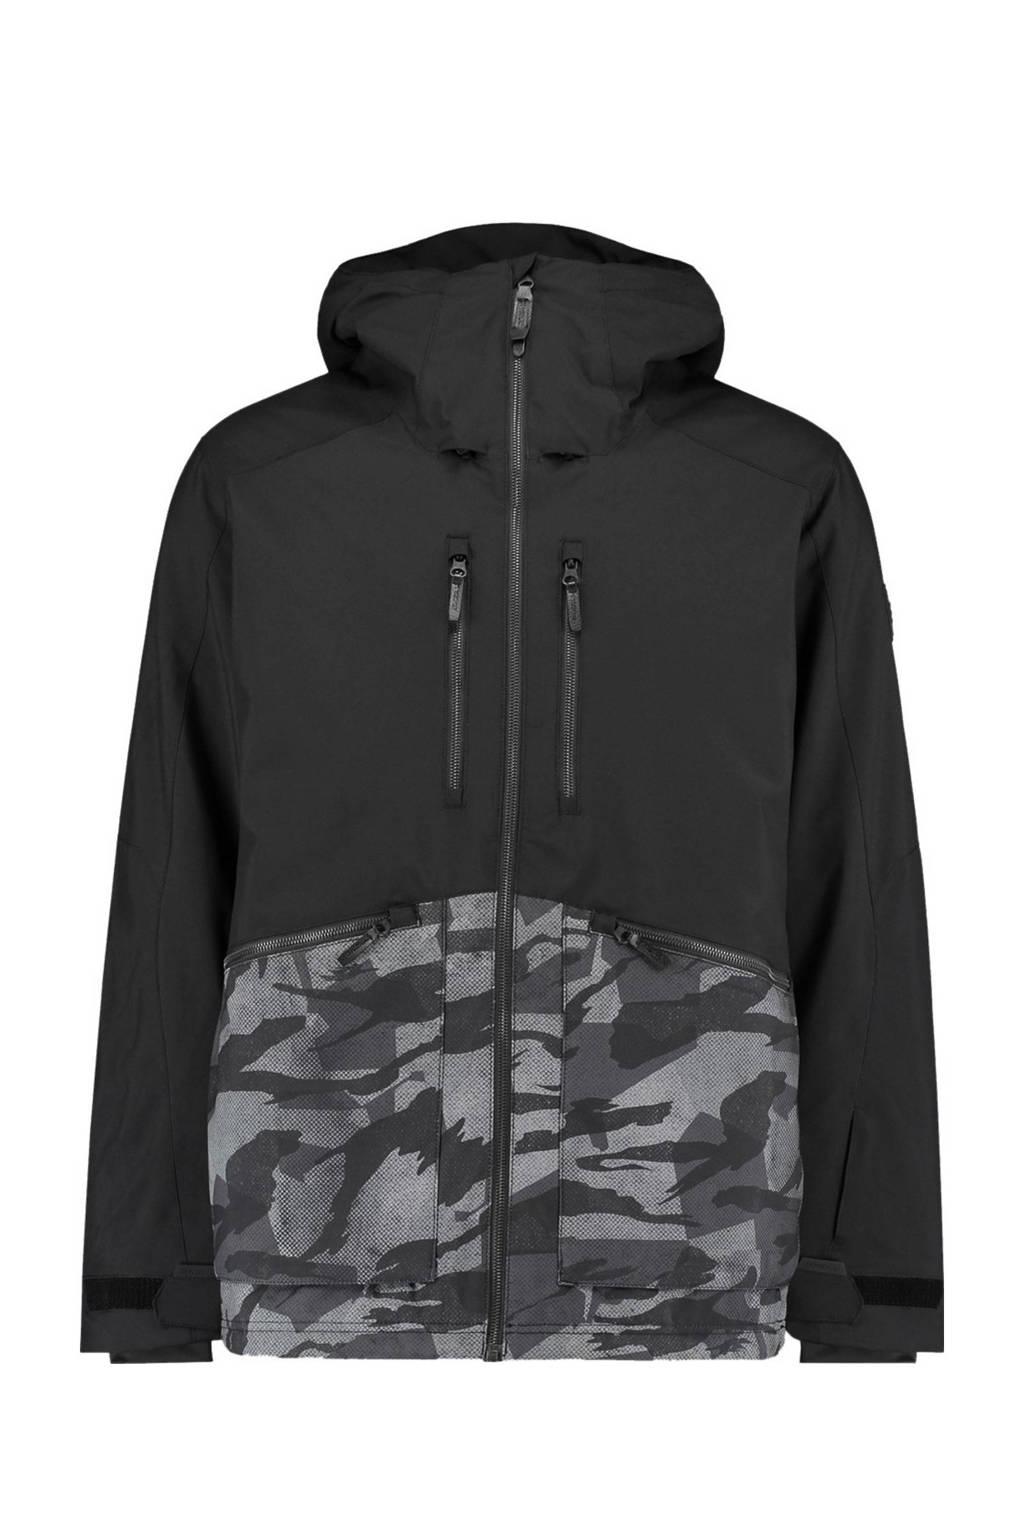 O'Neill jack Texture zwart/grijs, Black Out